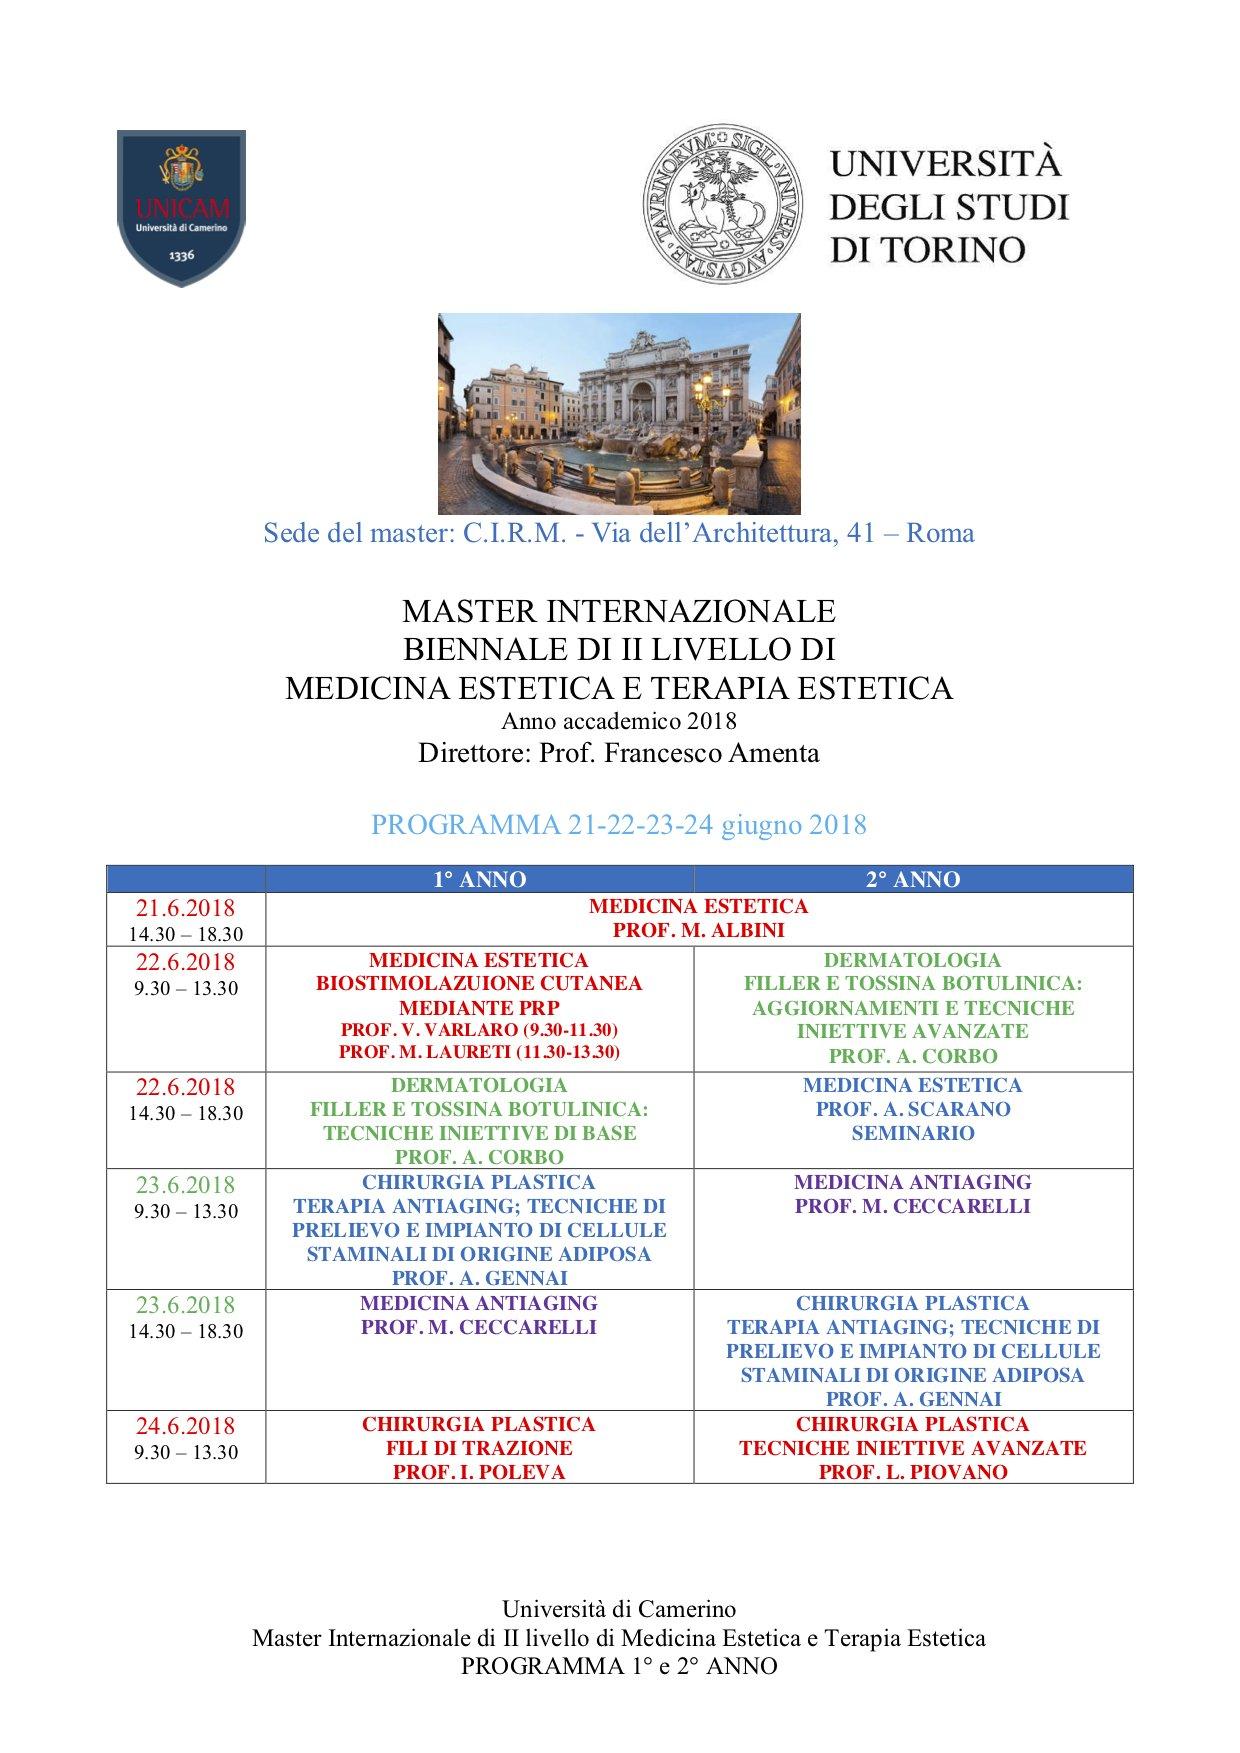 Master Universitario di 2° livello Internazionale in Medicina Estetica e Terapia Estetica